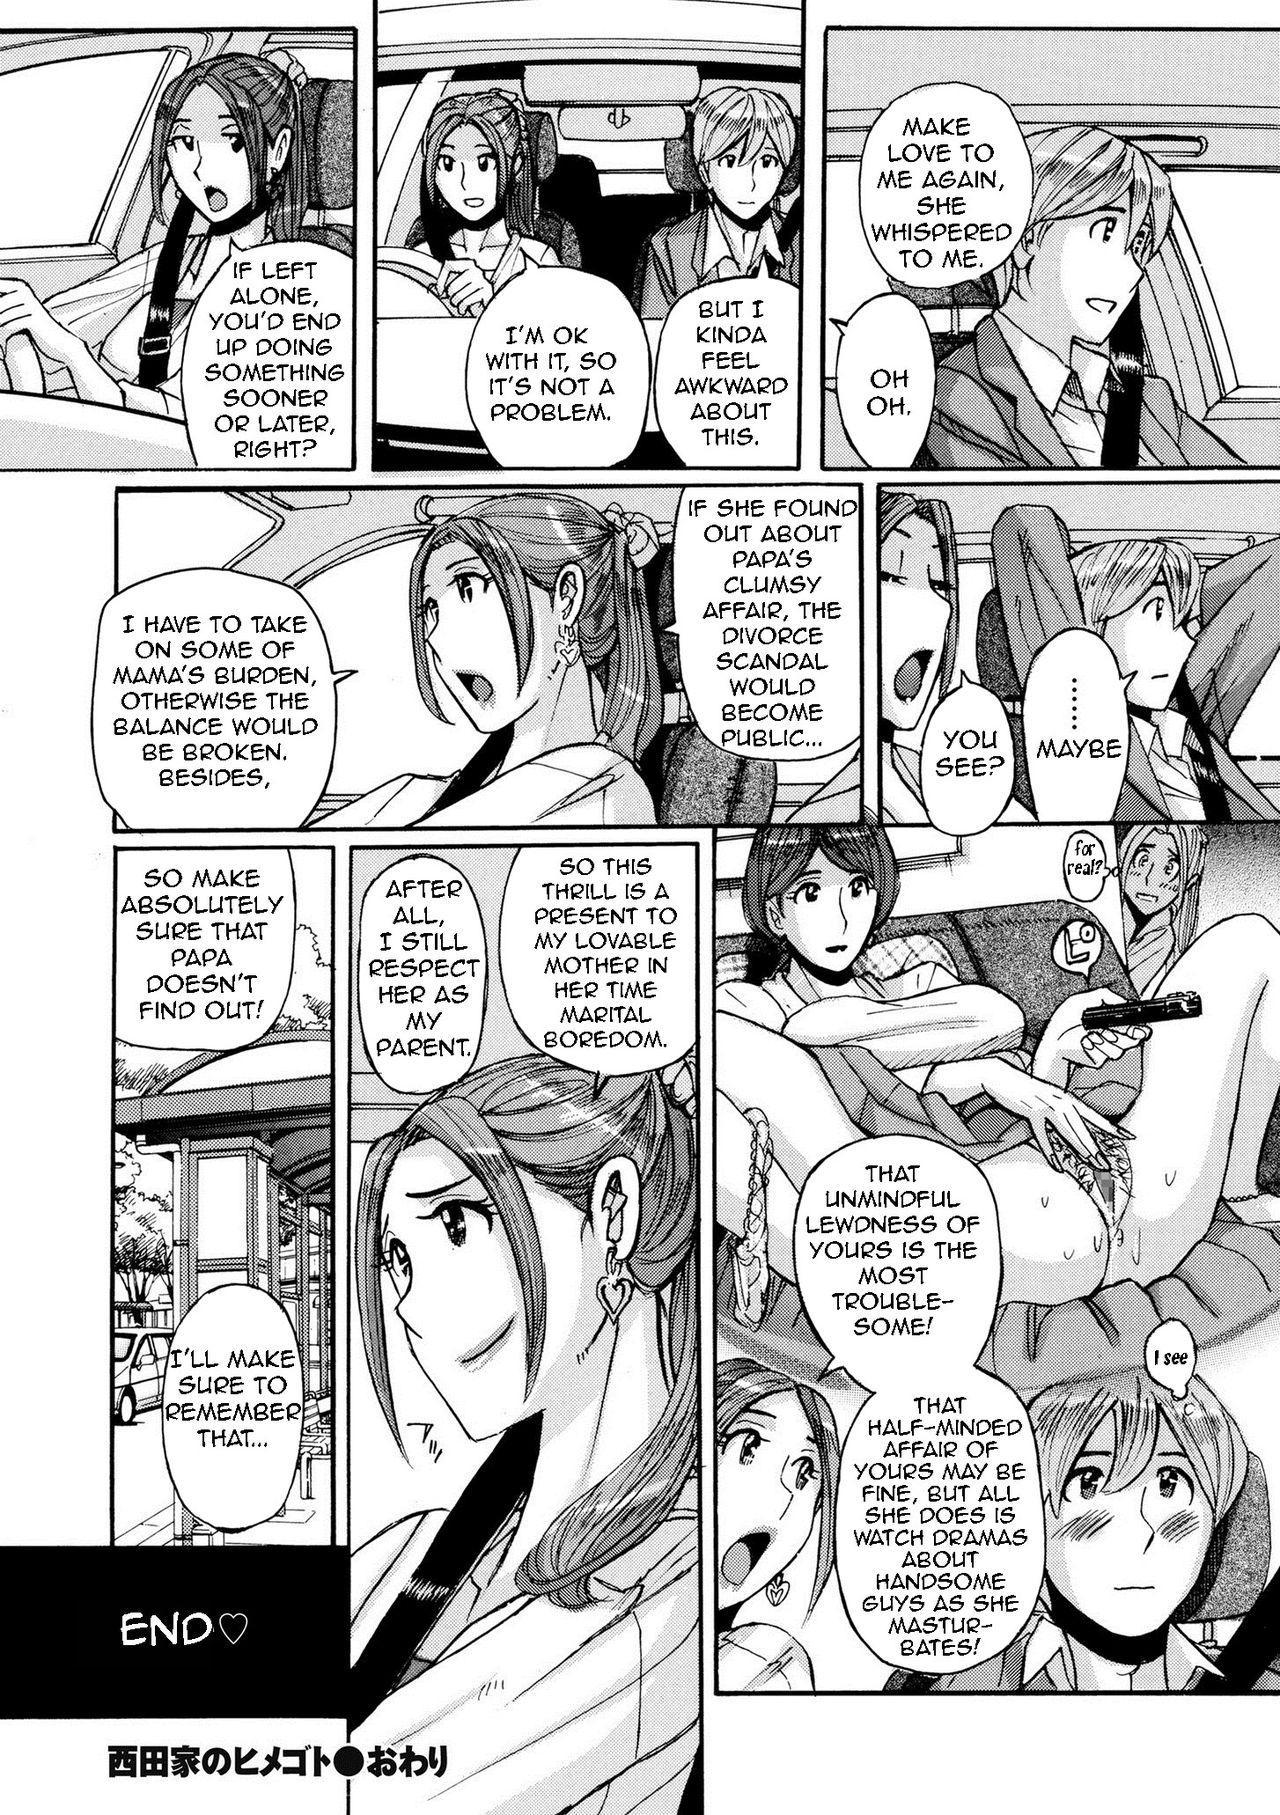 Nishida Ke no Himegoto | Nishida Family Secret 47